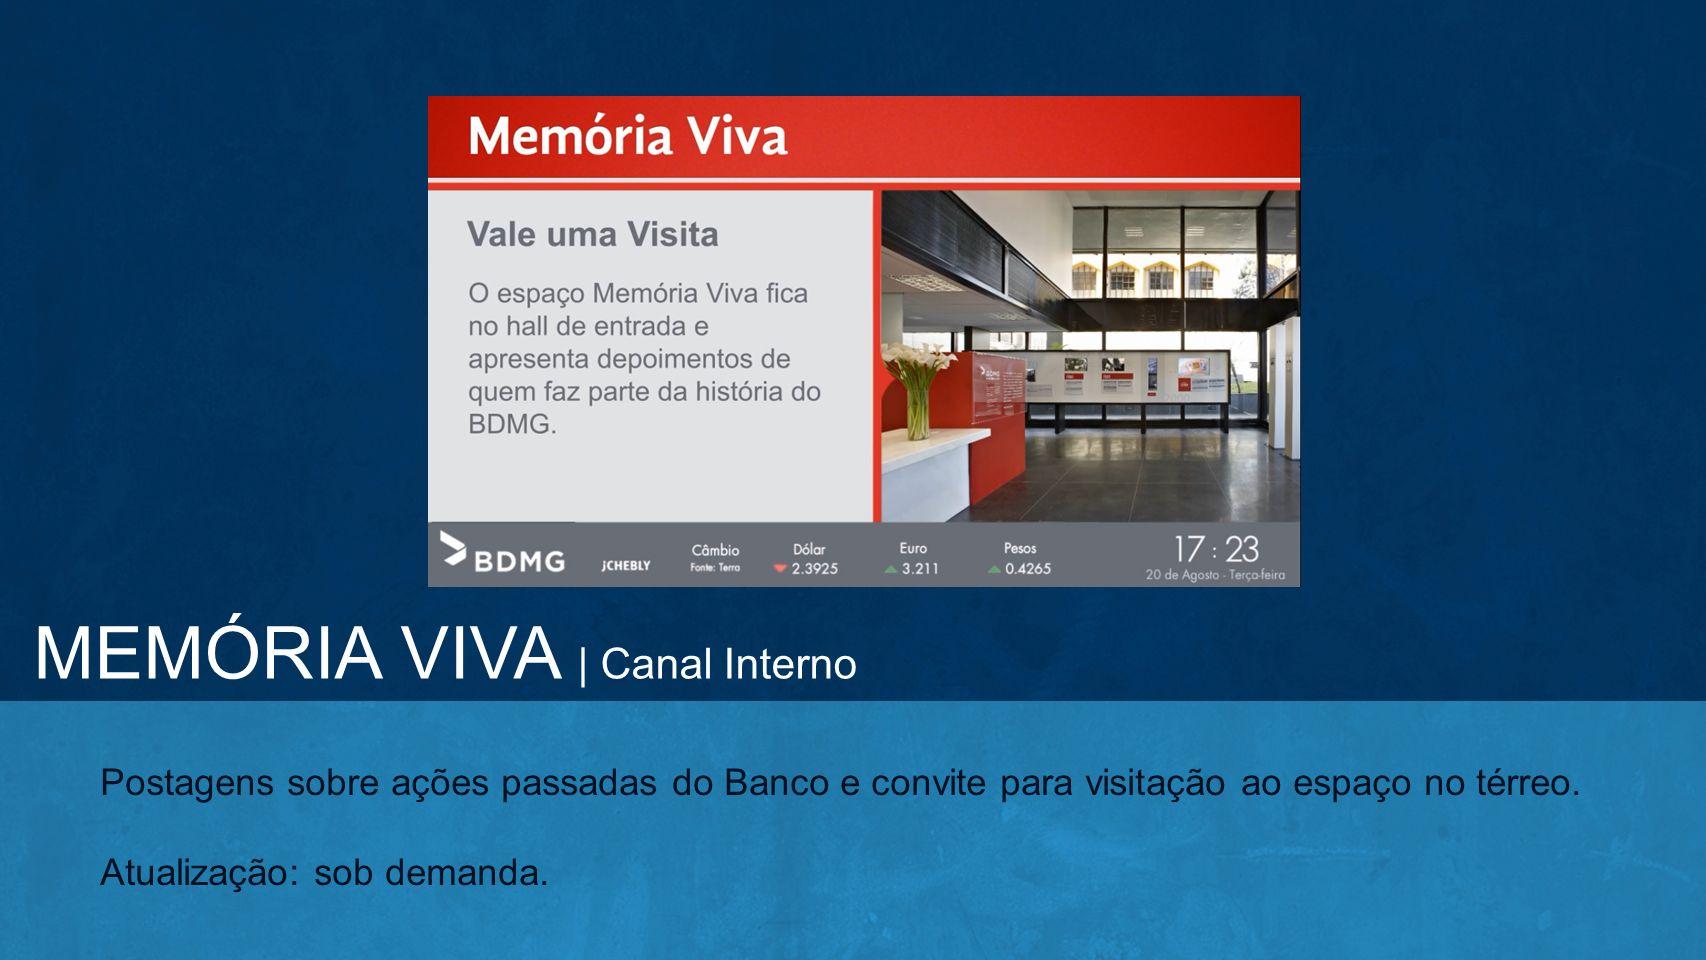 MEMÓRIA VIVA | Canal Interno